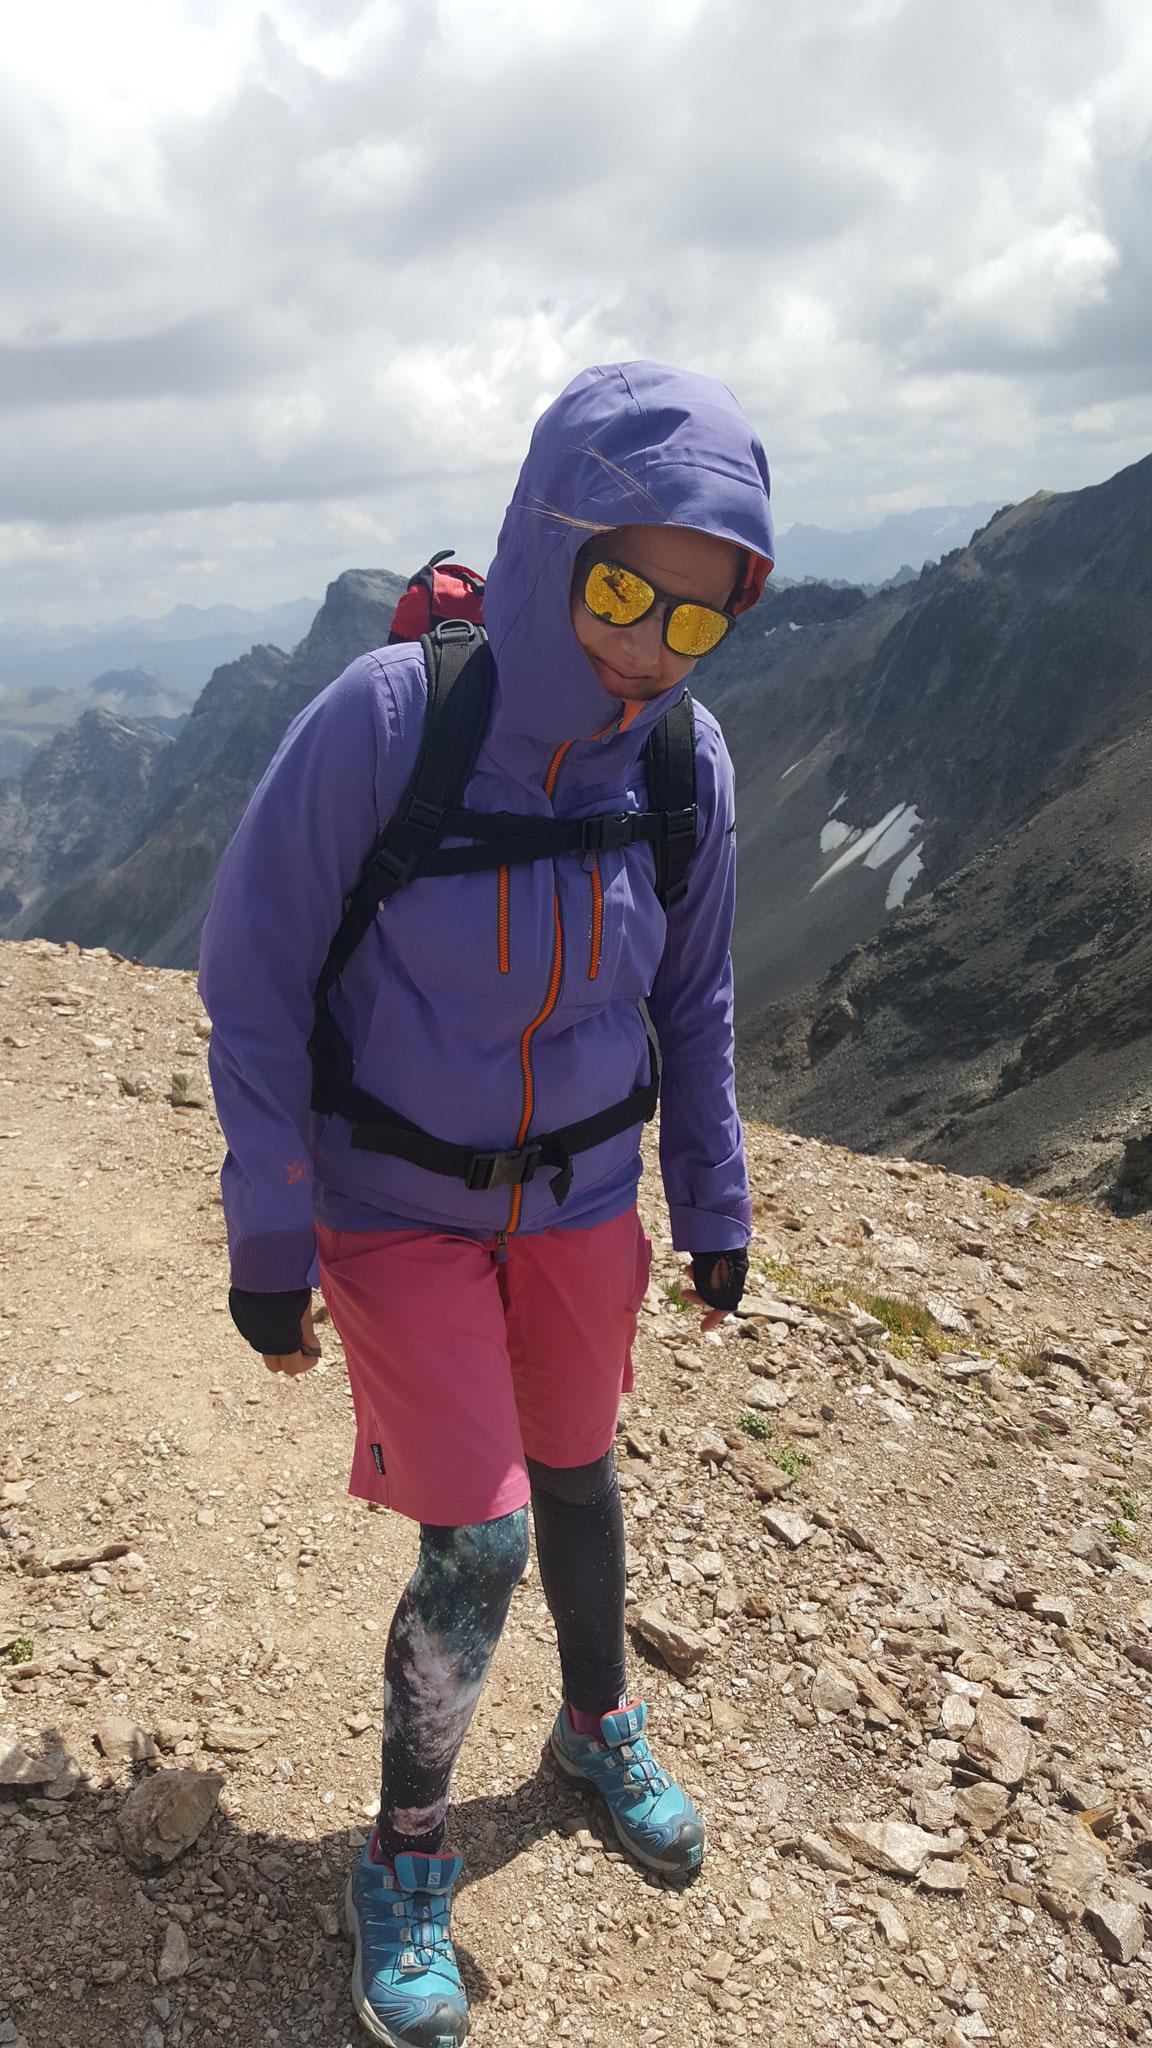 Katja, ist sehr aktiv und immer mit guter Laune.